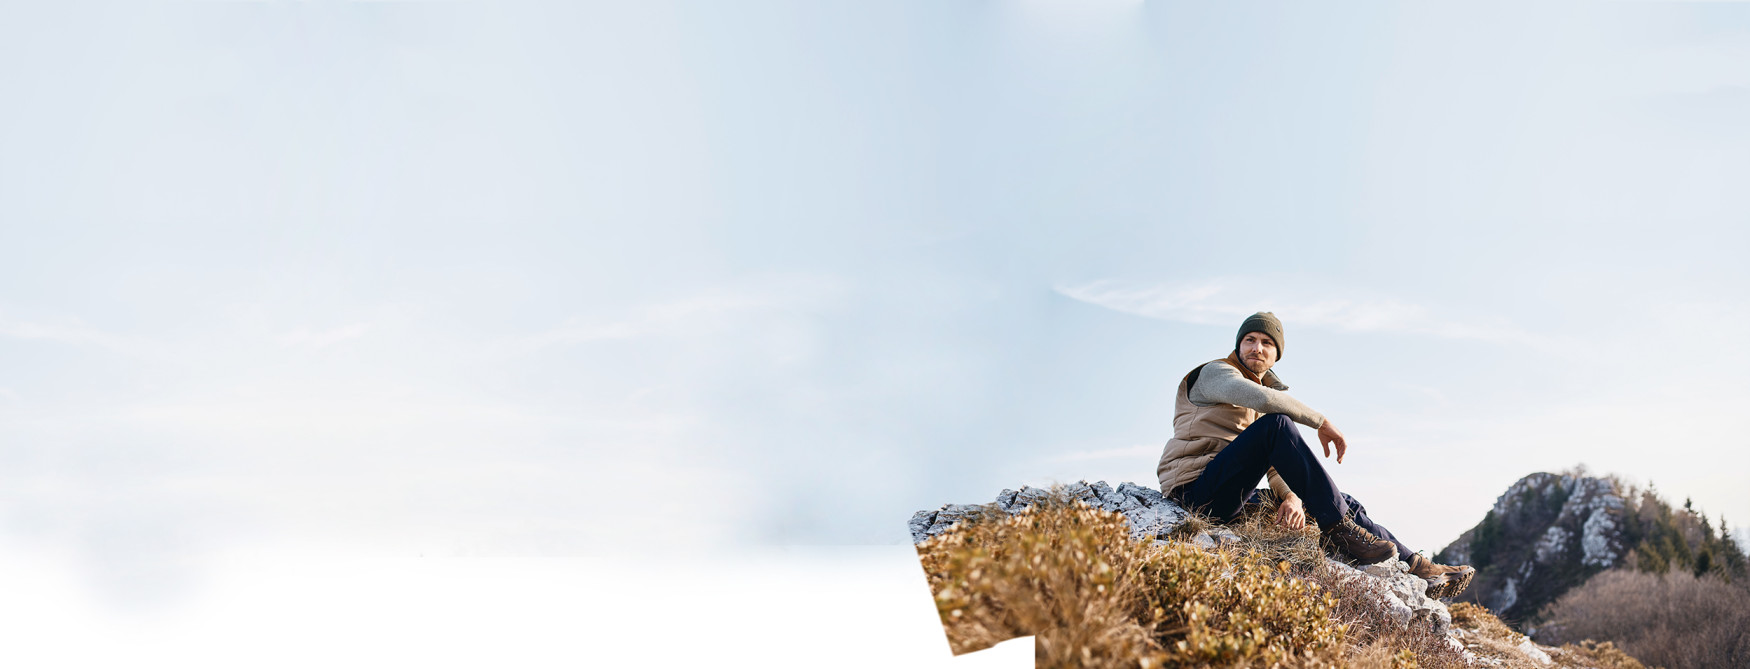 Ein Multitalent, das zum Kultschuh wurde. Der Klassiker unter den Multifunktionsschuhen wartet auch nach zwei Jahrzehnten bewährten Einsatzes mit zeitlos-frischer Optik und bestem Geh- und Tragekomfort auf. Die stabile Schaft- und Sohlenkonstruktion sorgt für gute Stabilität und Halt und eröffnet damit eine Vielzahl an Einsatzmöglichkeiten. Ob aktiver Alltag oder spontane Tour durch befestigtes Terrain – im  RENEGADE GTX MID findet man den idealen Begleiter.